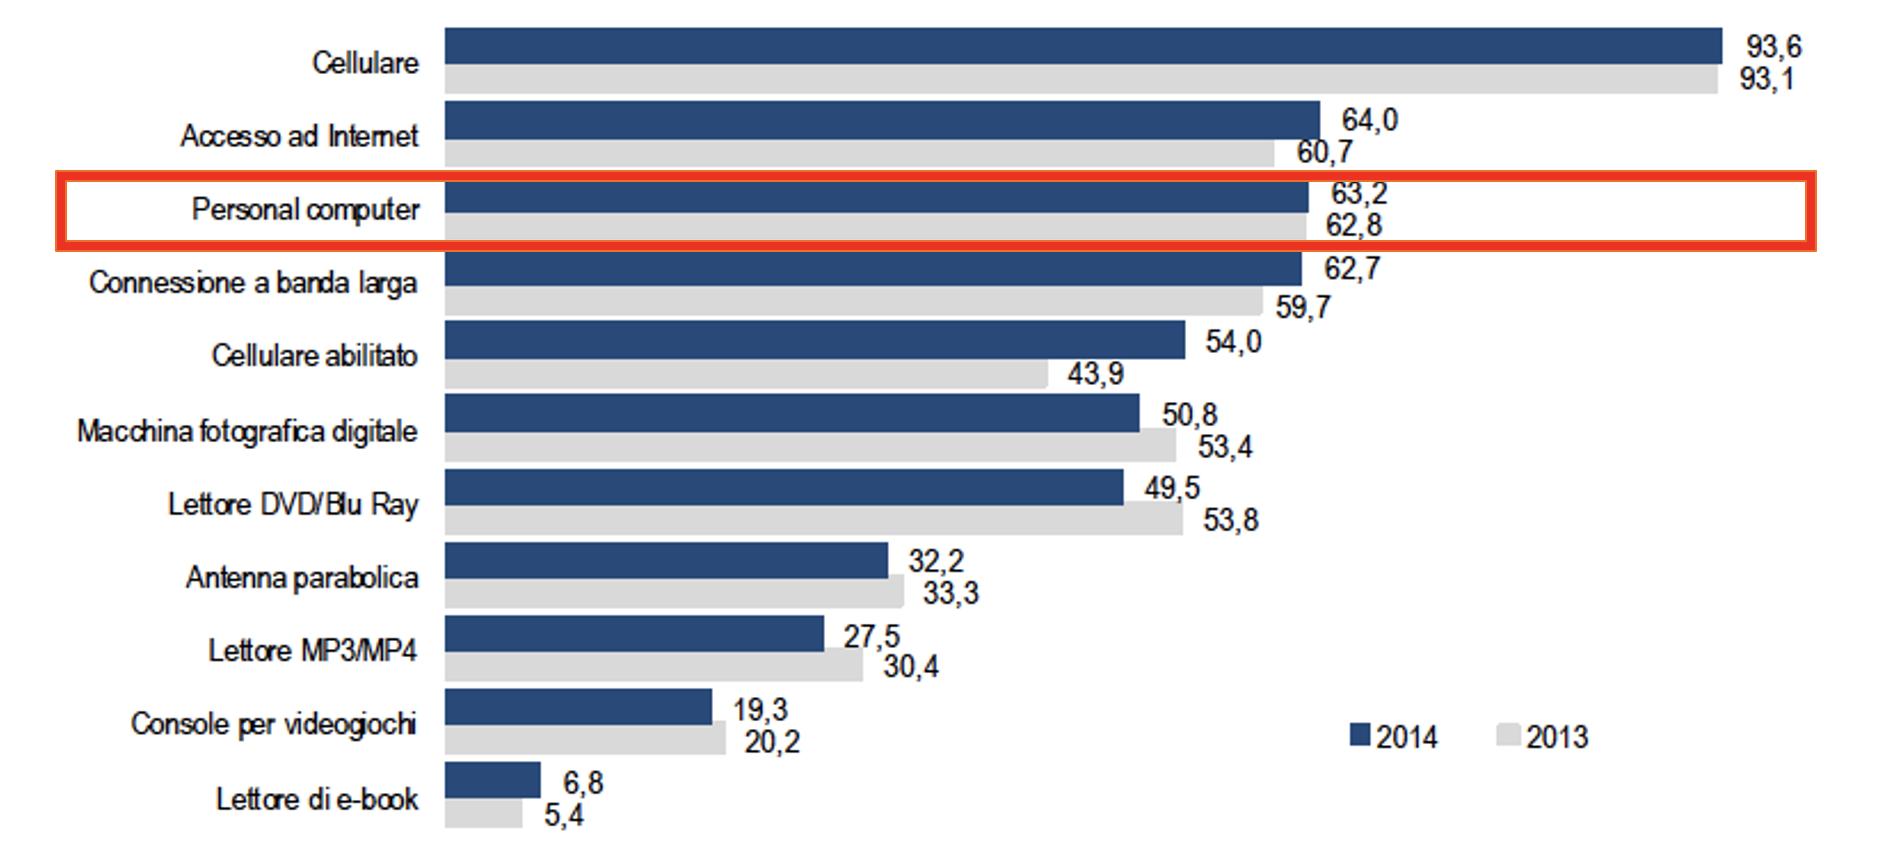 Famiglie per beni e servizi tecnologici disponibili. – Dati Istat 2014